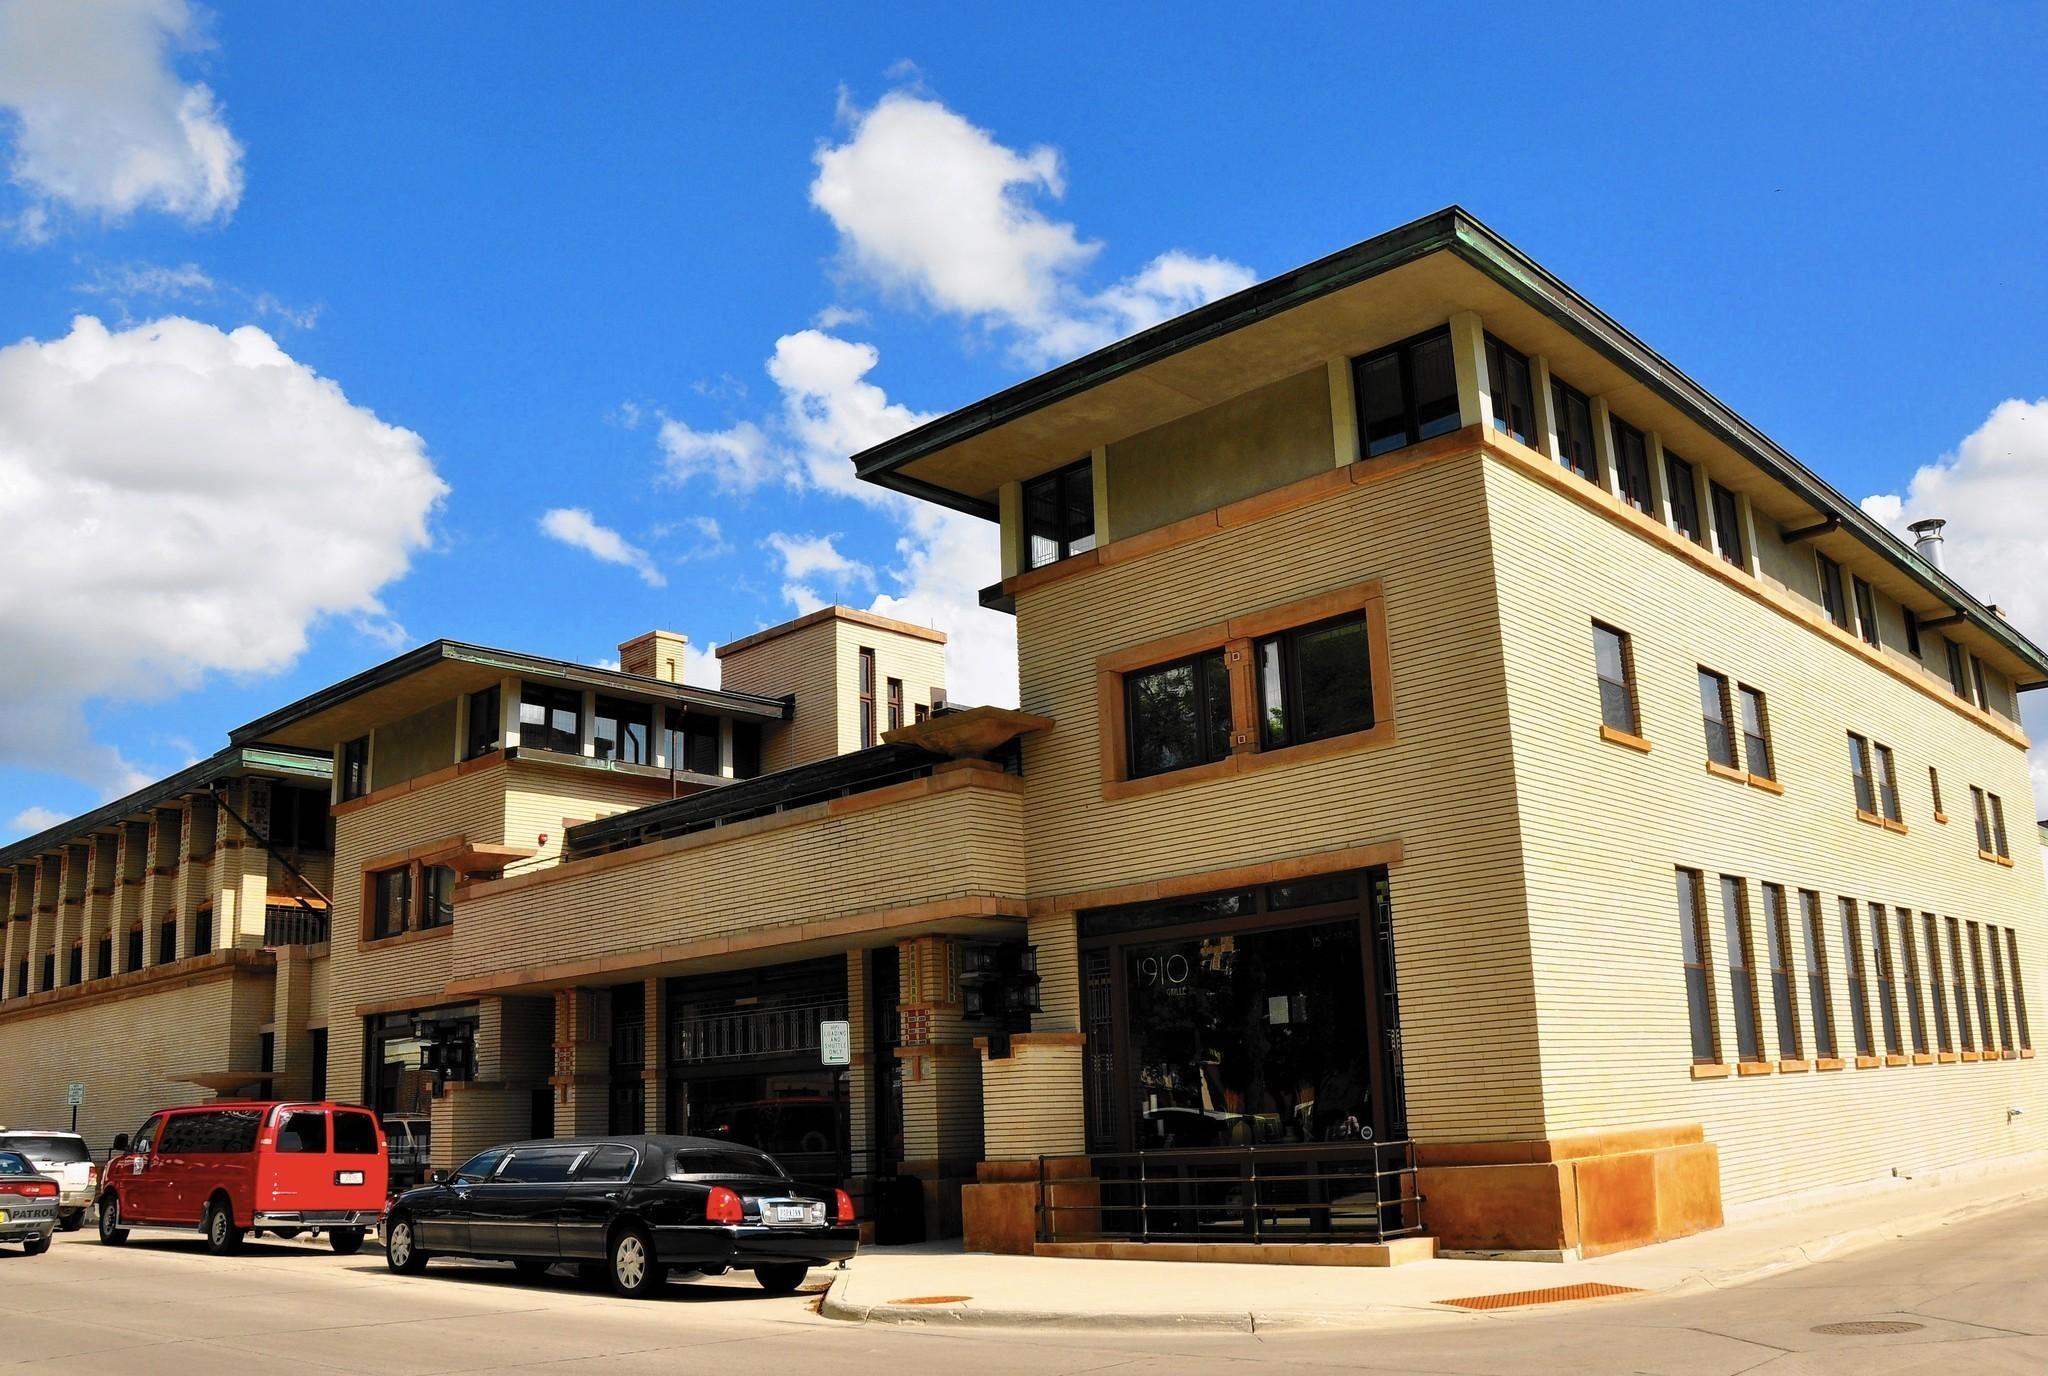 Iowa S River City A Trove Of Prairie School Architecture